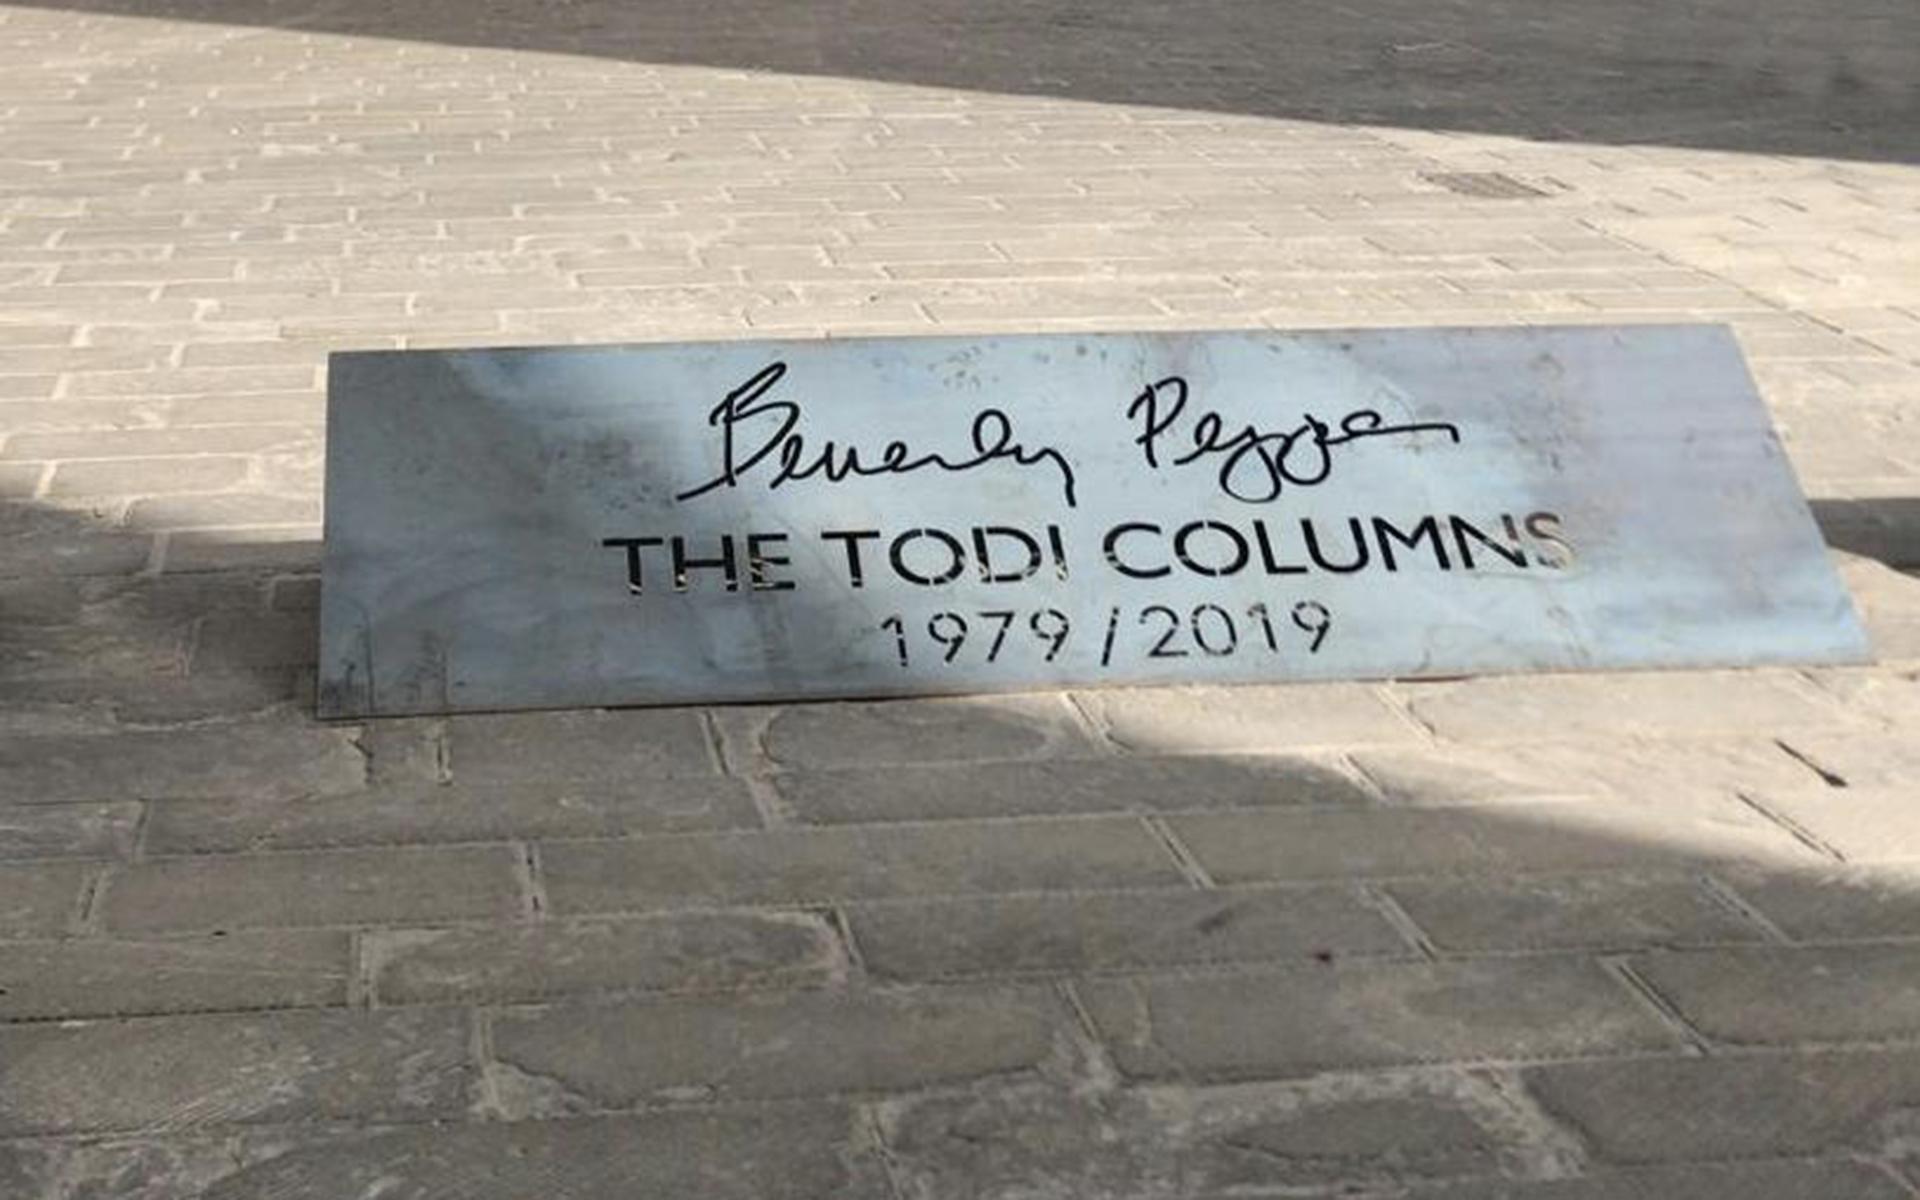 Fondazione-Beverly-Pepper-Todi-Columns-1979-2019